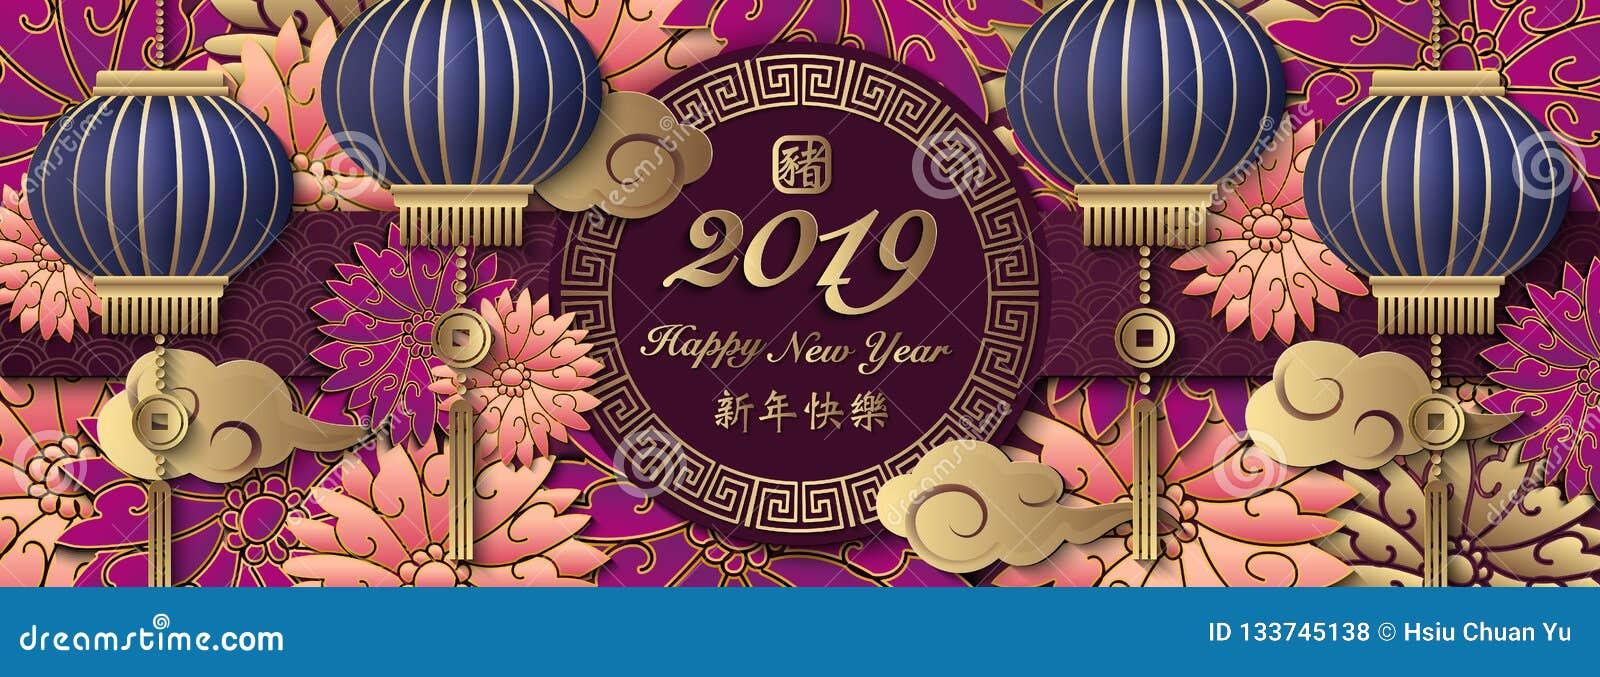 Ευτυχές κινεζικό του 2019 νέο σύννεφο λουλουδιών τέχνης ανακούφισης έτους αναδρομικό lanter